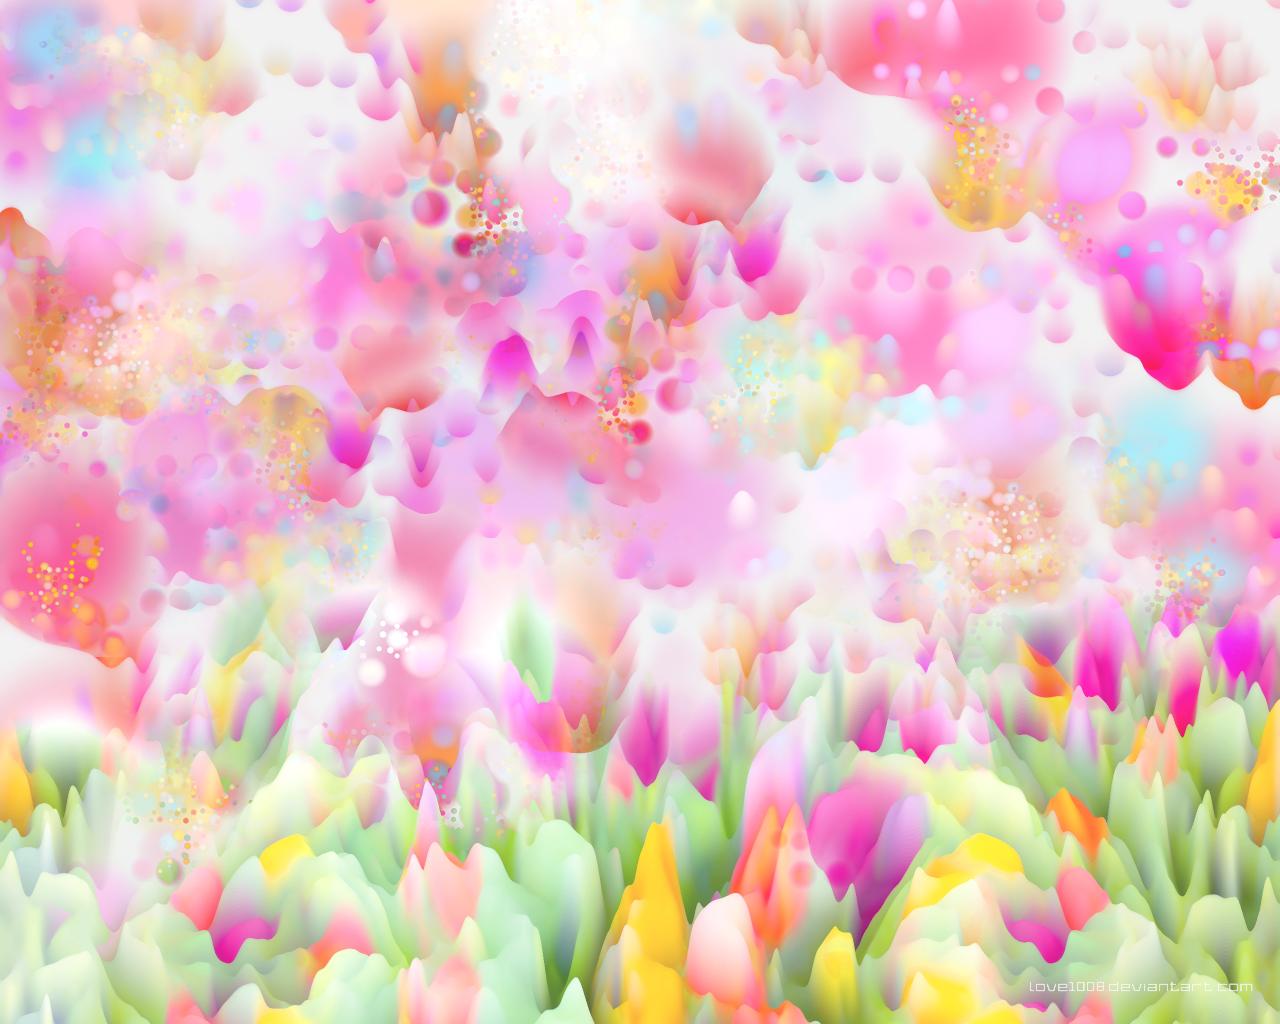 Dreambliss by love1008